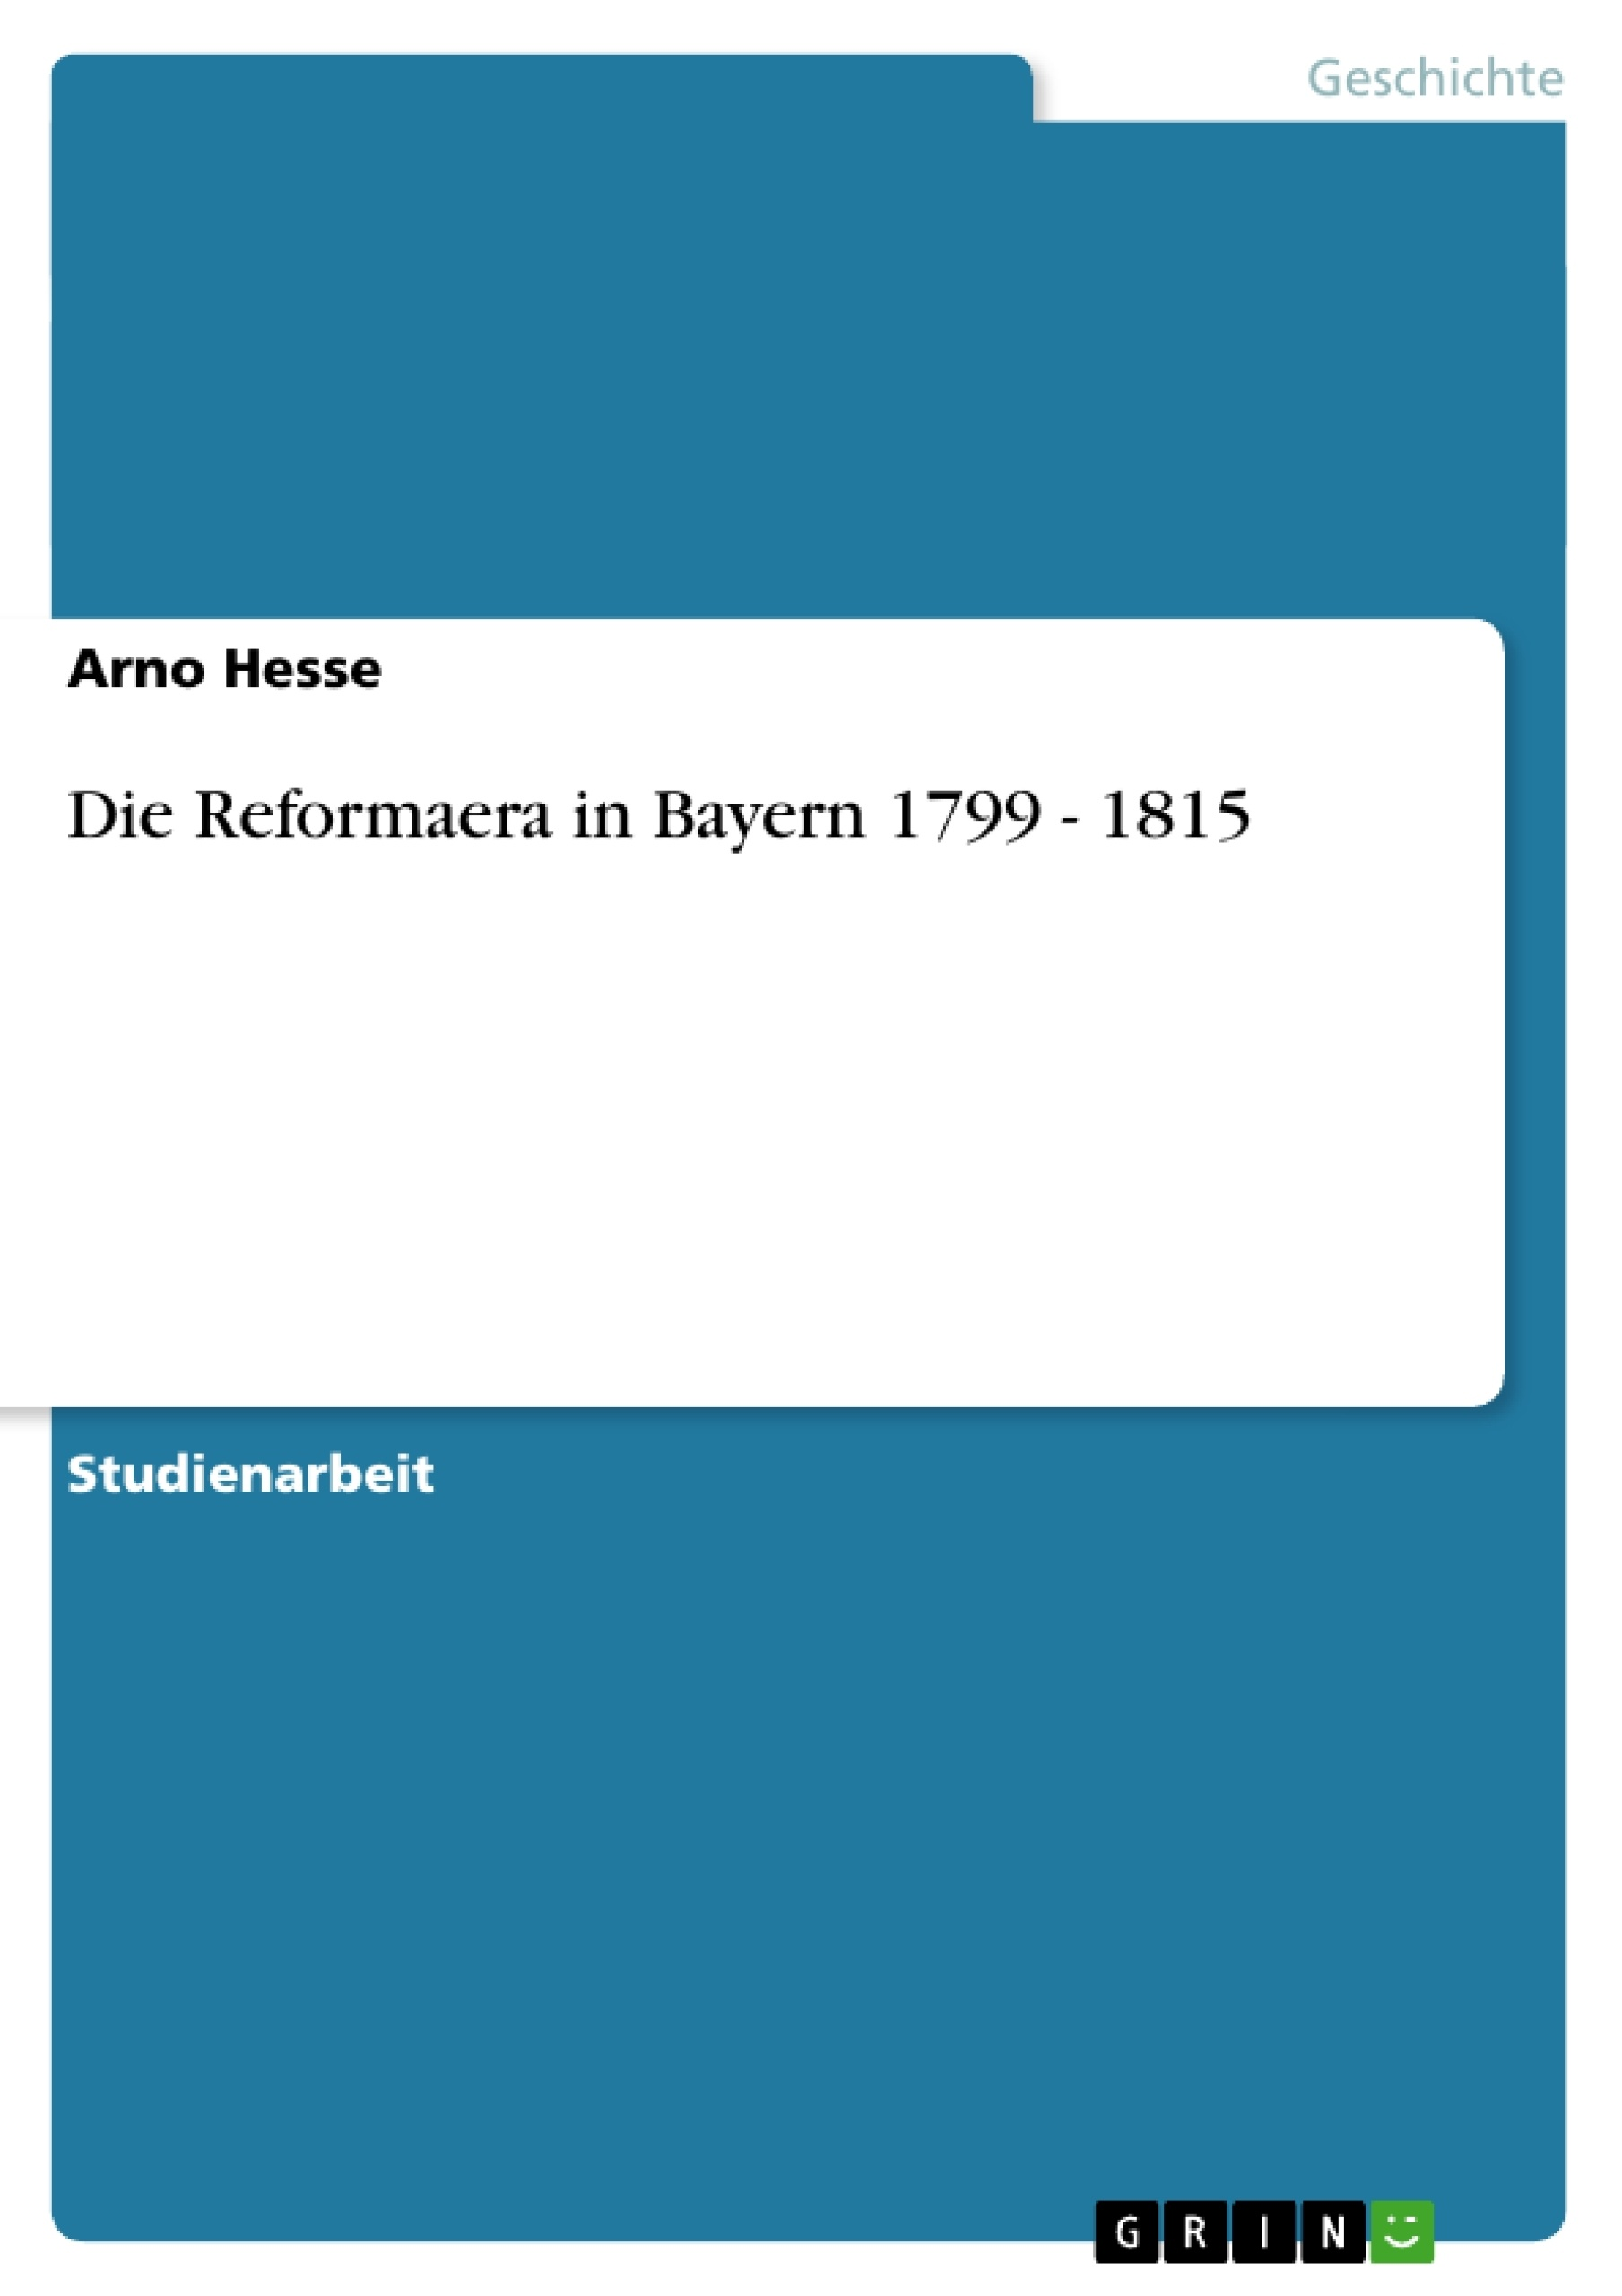 Titel: Die Reformaera in Bayern 1799 - 1815